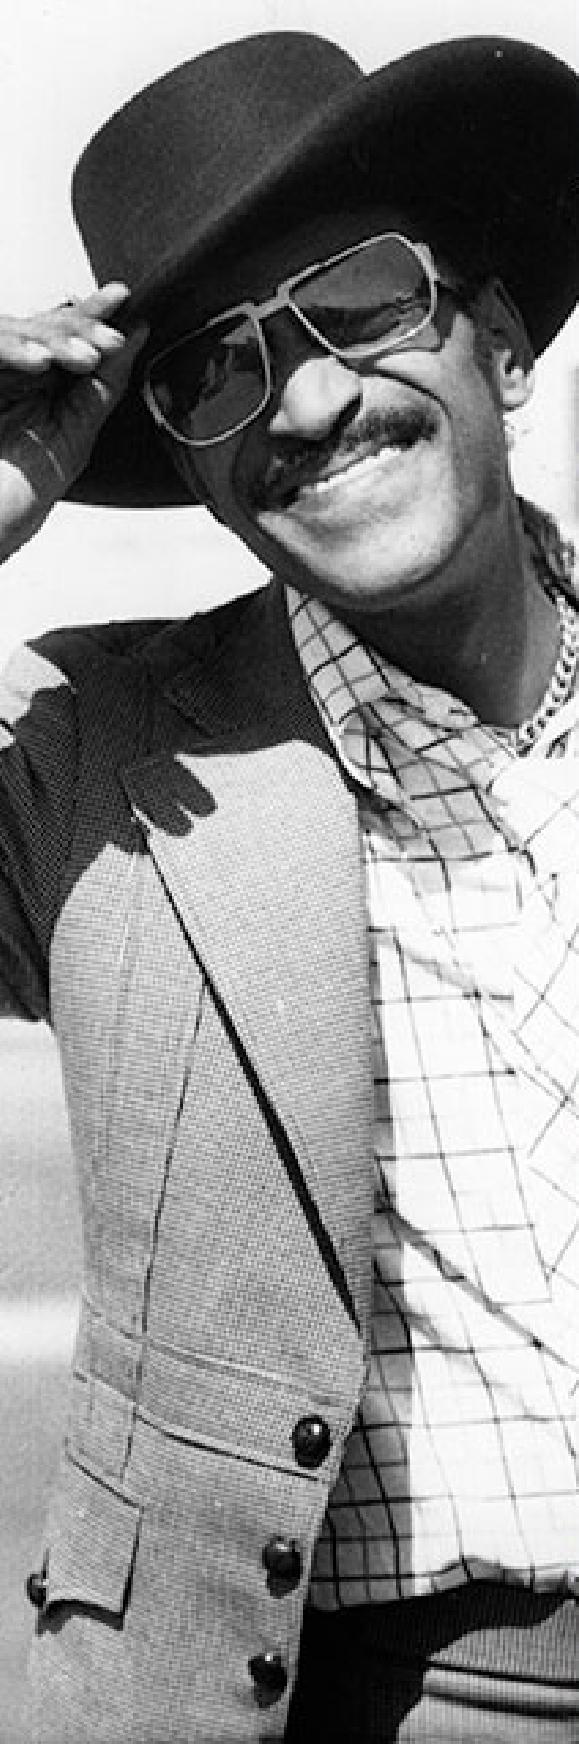 Sammy Davis Jr. - Starring Sammy Davis Volume 2